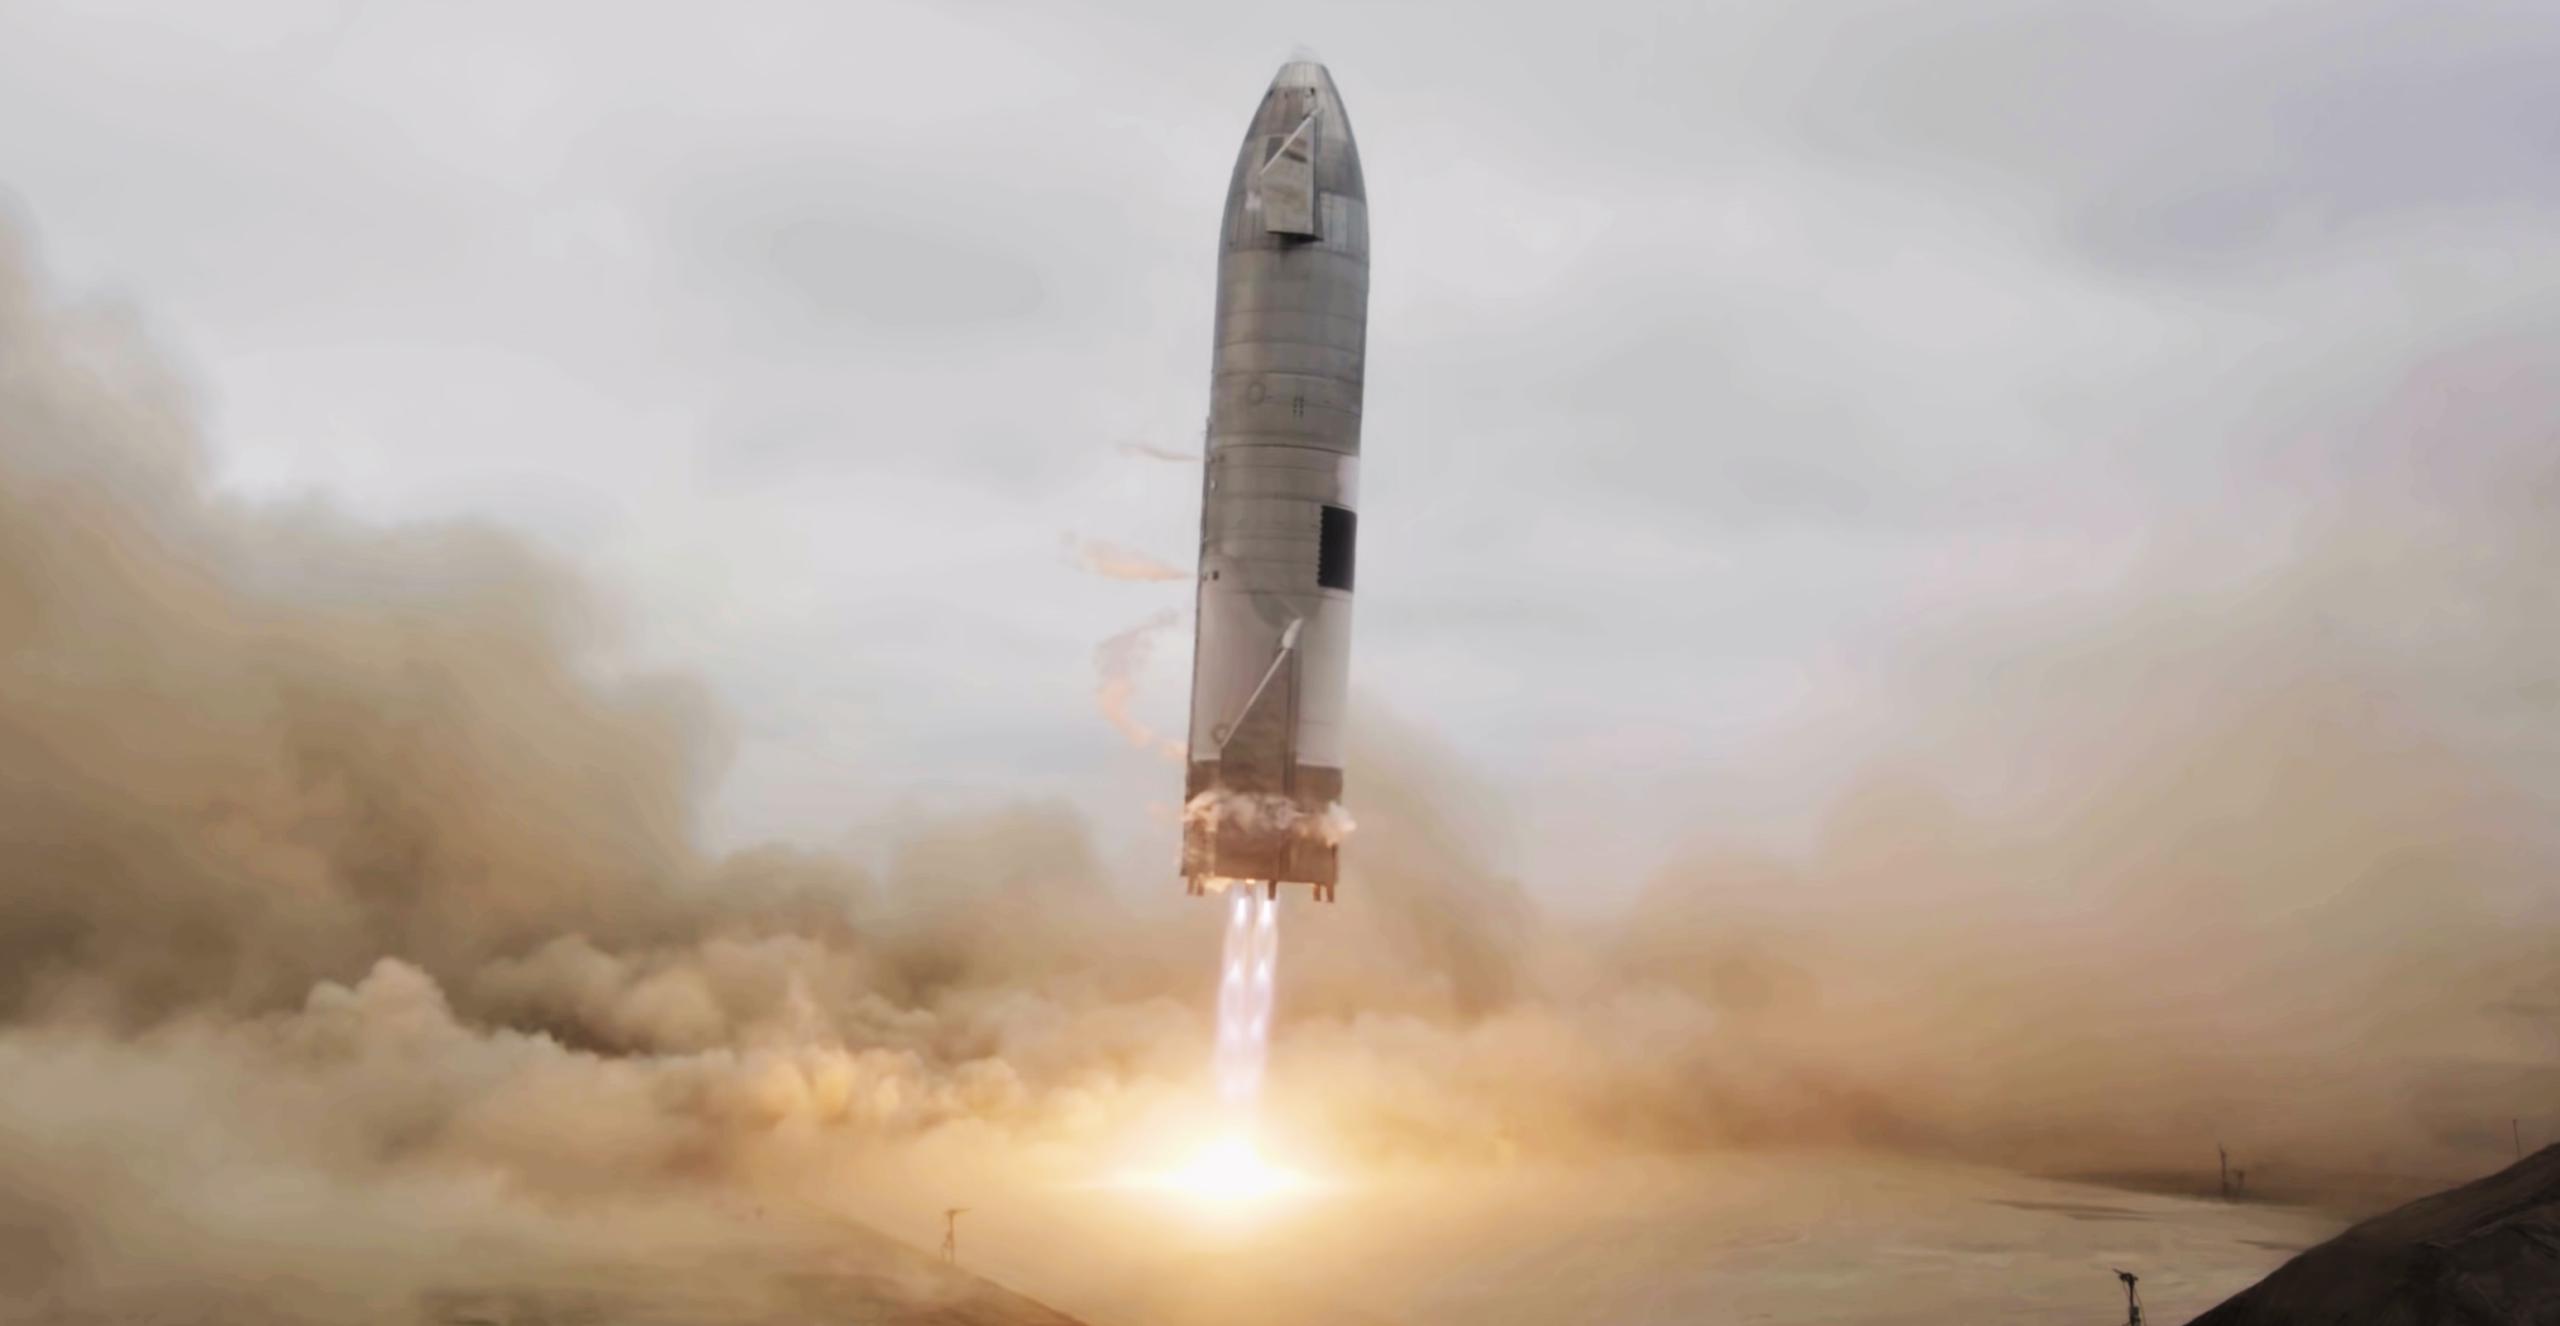 Starship SN15 10km flight test 050521 recap (SpaceX) landing 9 edit 2 (c)